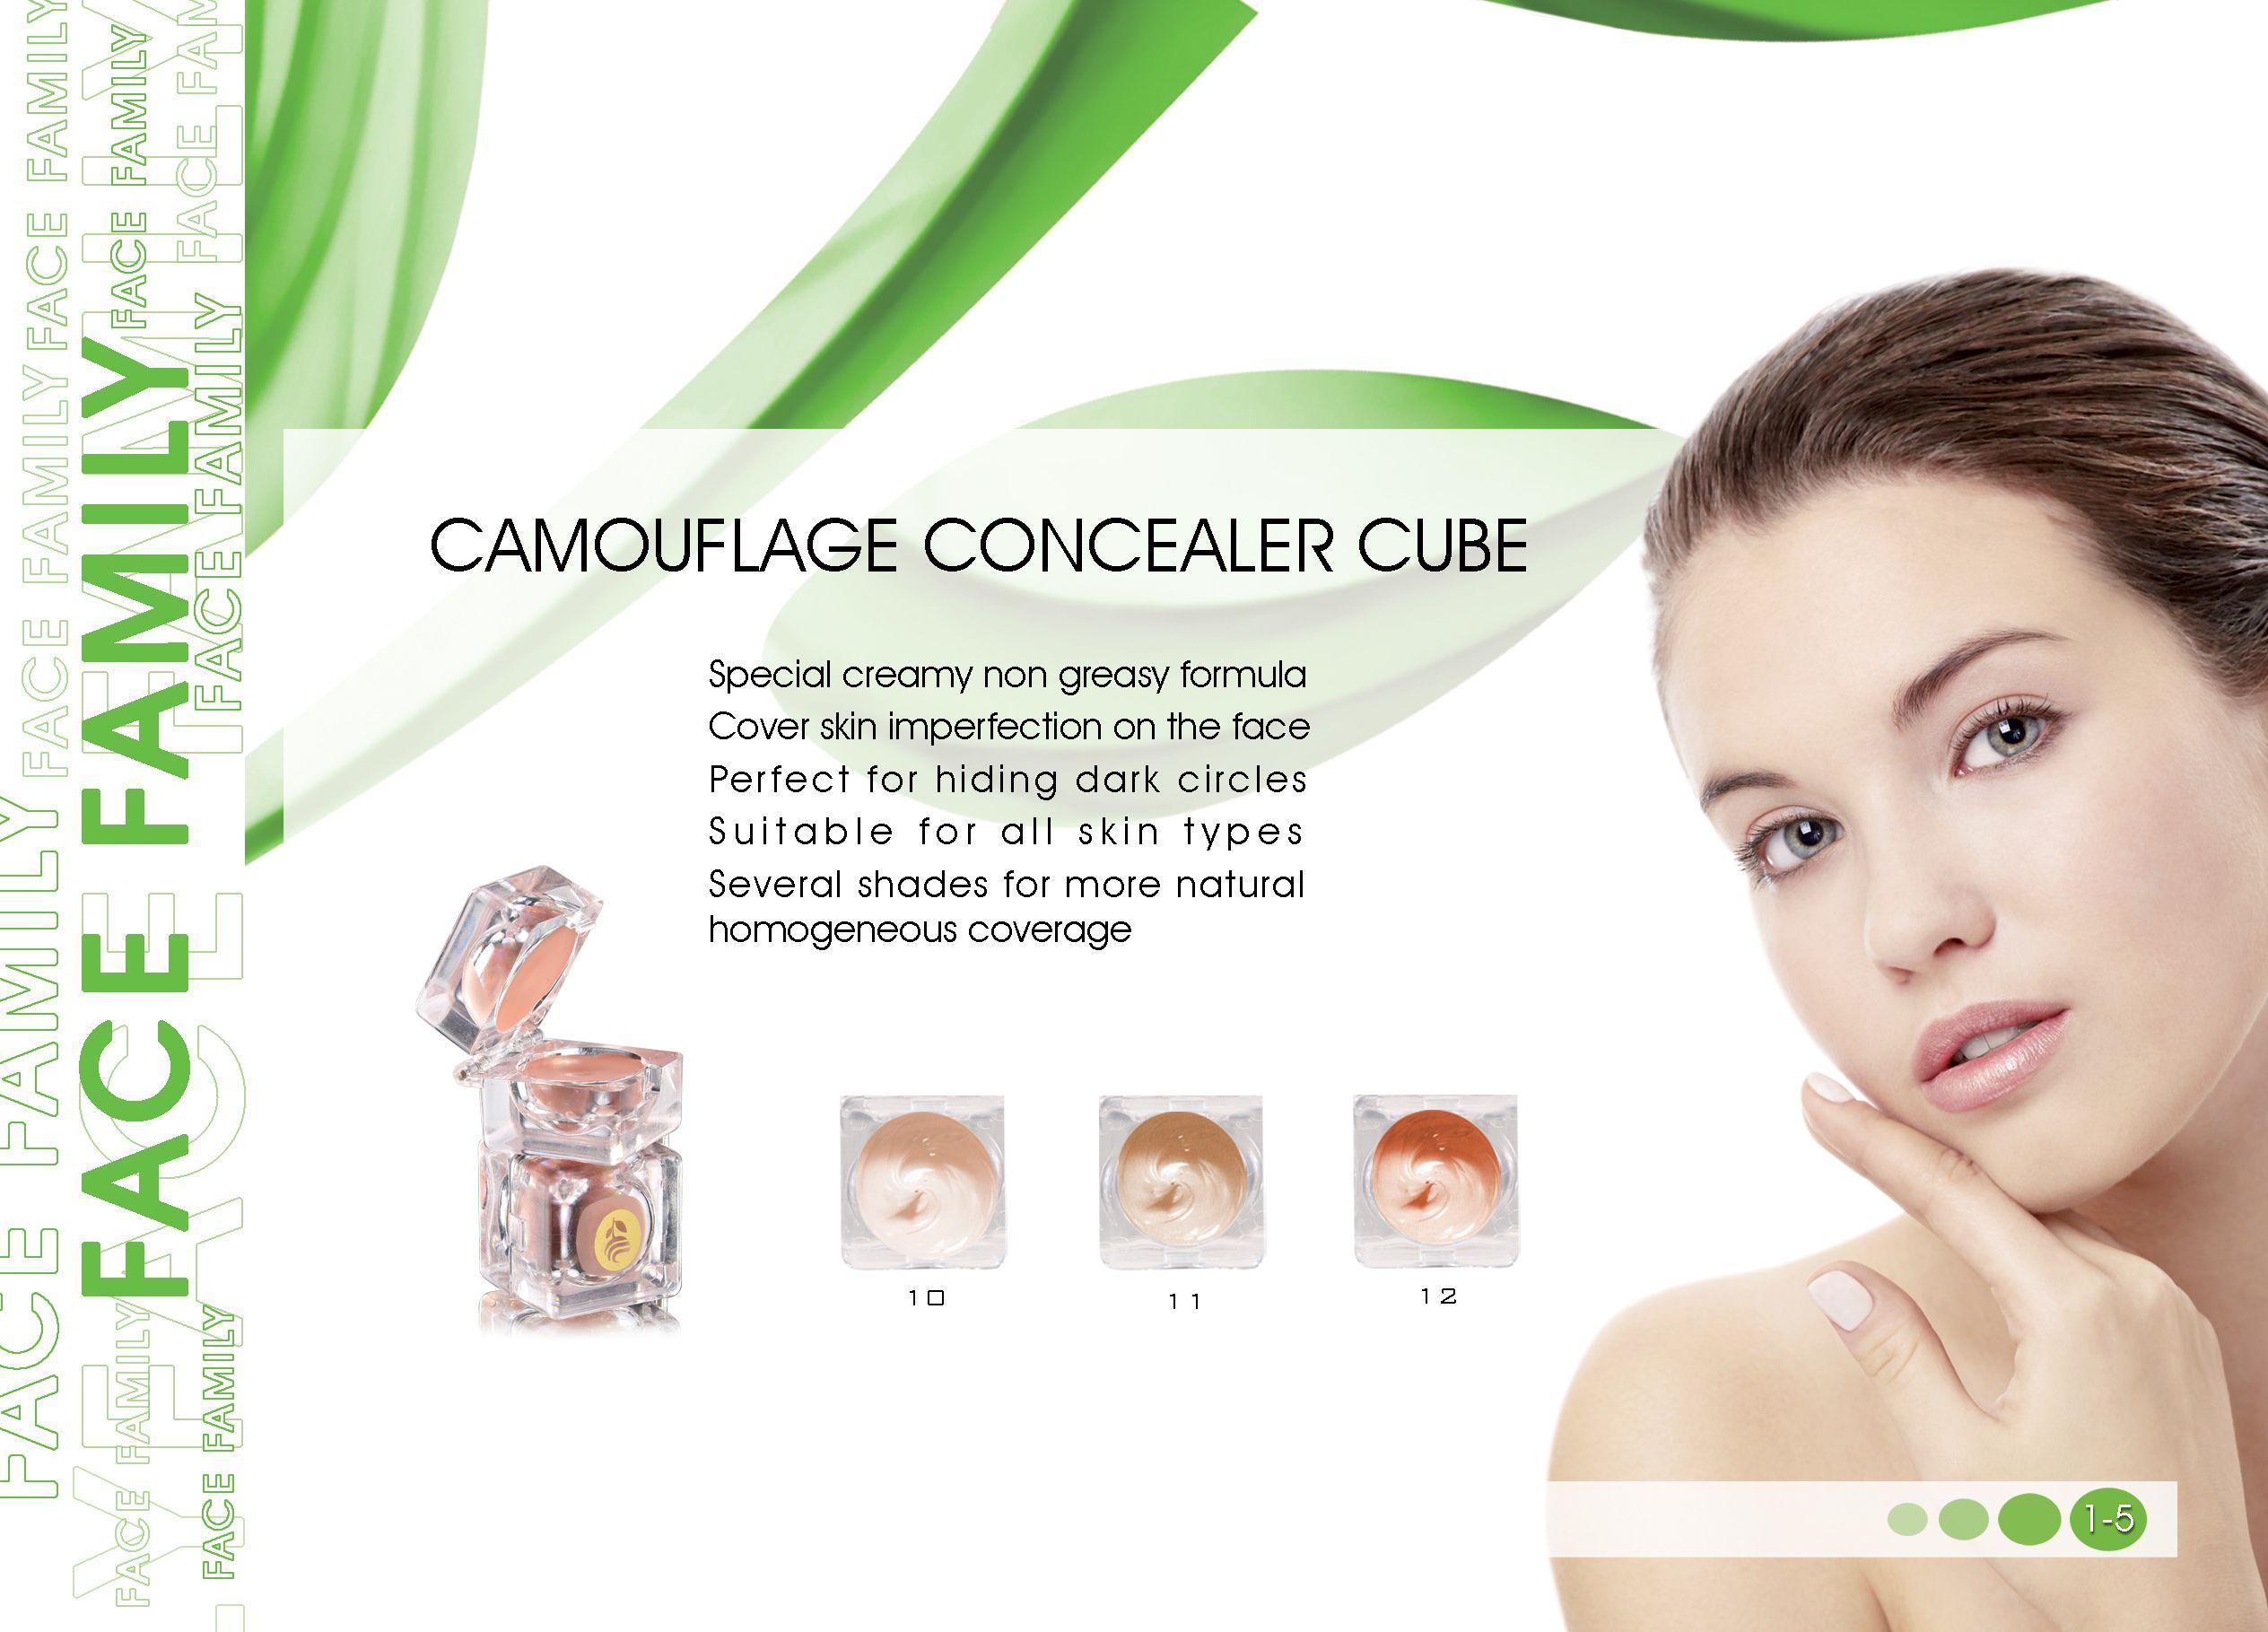 كونسيلر كيوب تركيبة خاصة غير دهنية تخفى عيوب البشرة من حبوب يعمل كمصحح لتوحيد لون البشرة وهي خاصة لمنطقة Camouflage Concealer Circle Face Skin Imperfection